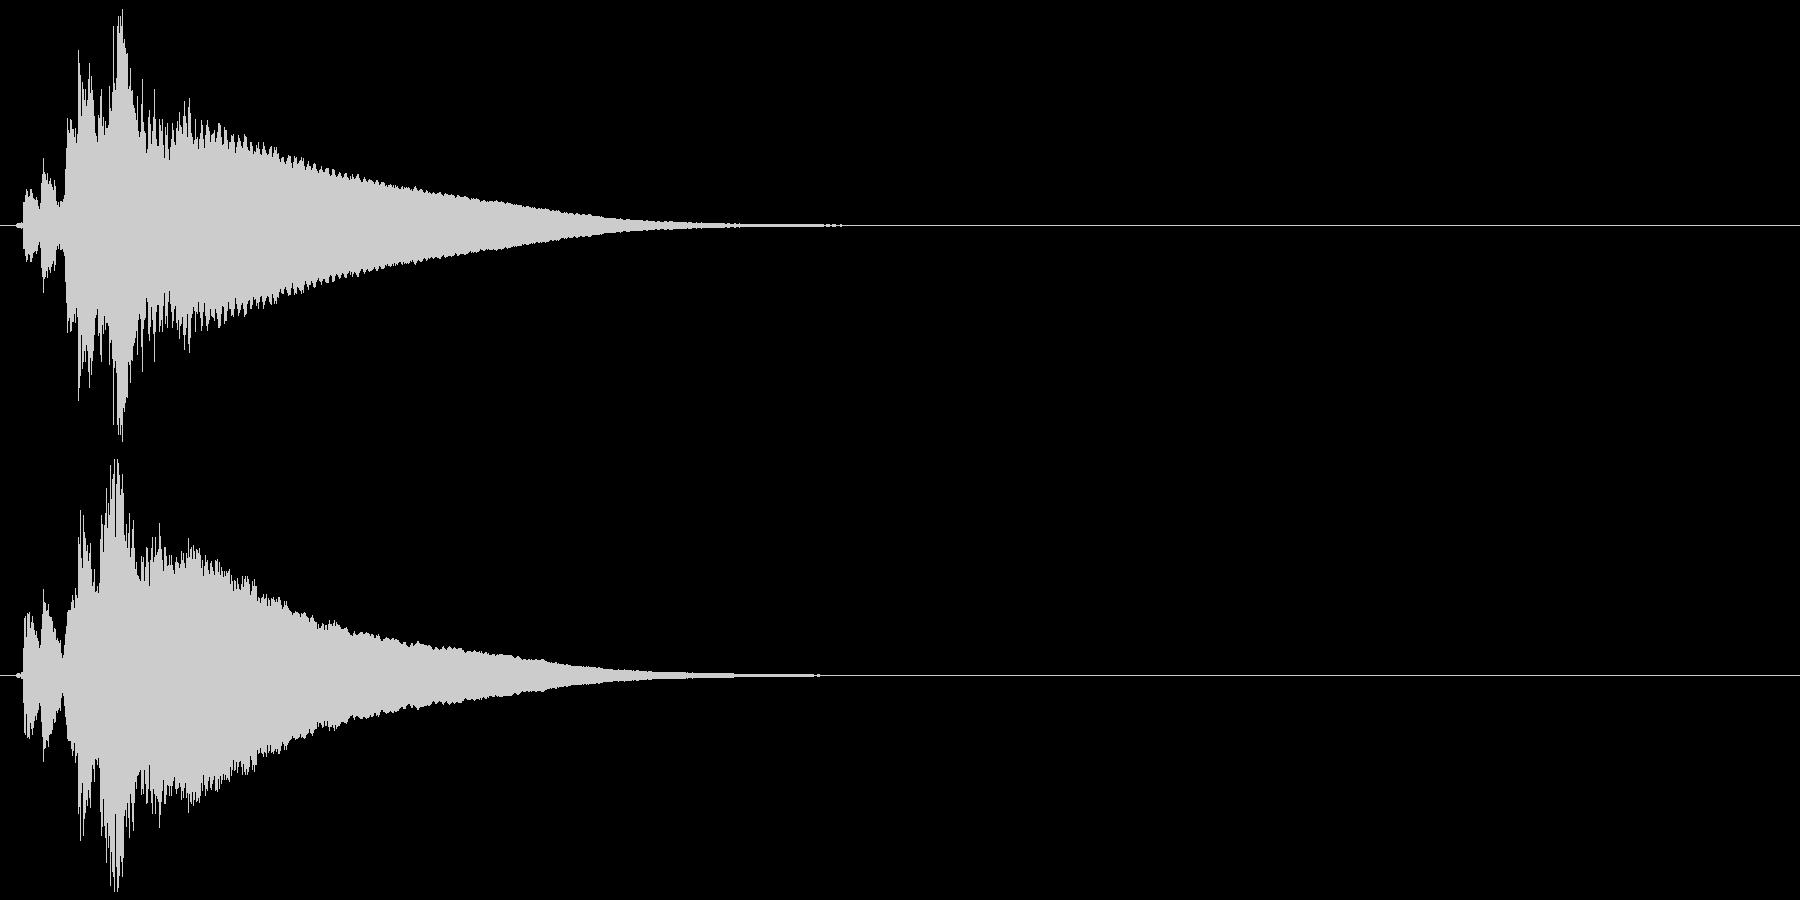 自転車のベル (チリーン)の未再生の波形